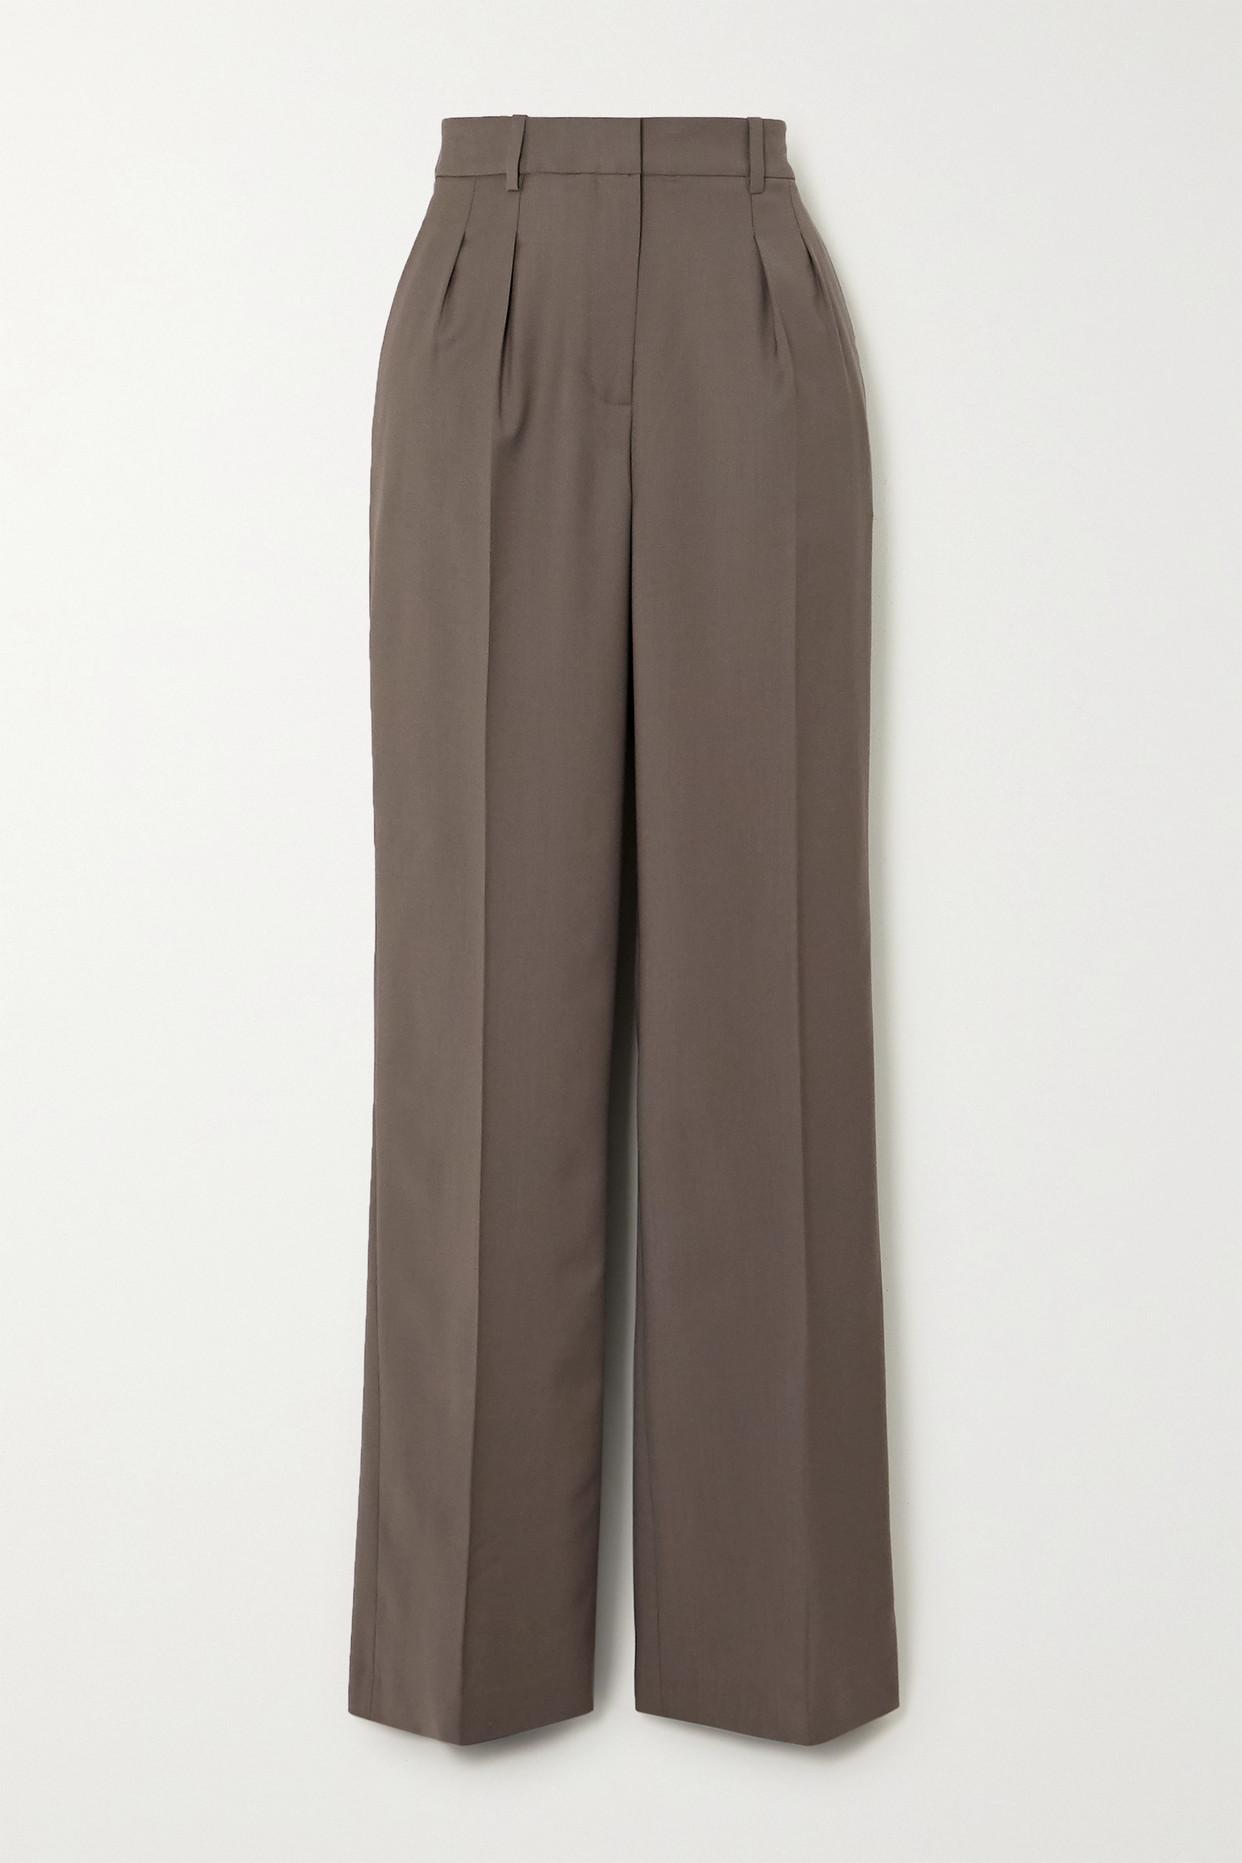 LOULOU STUDIO - Sbiru 褶裥羊毛直筒裤 - 灰色 - large